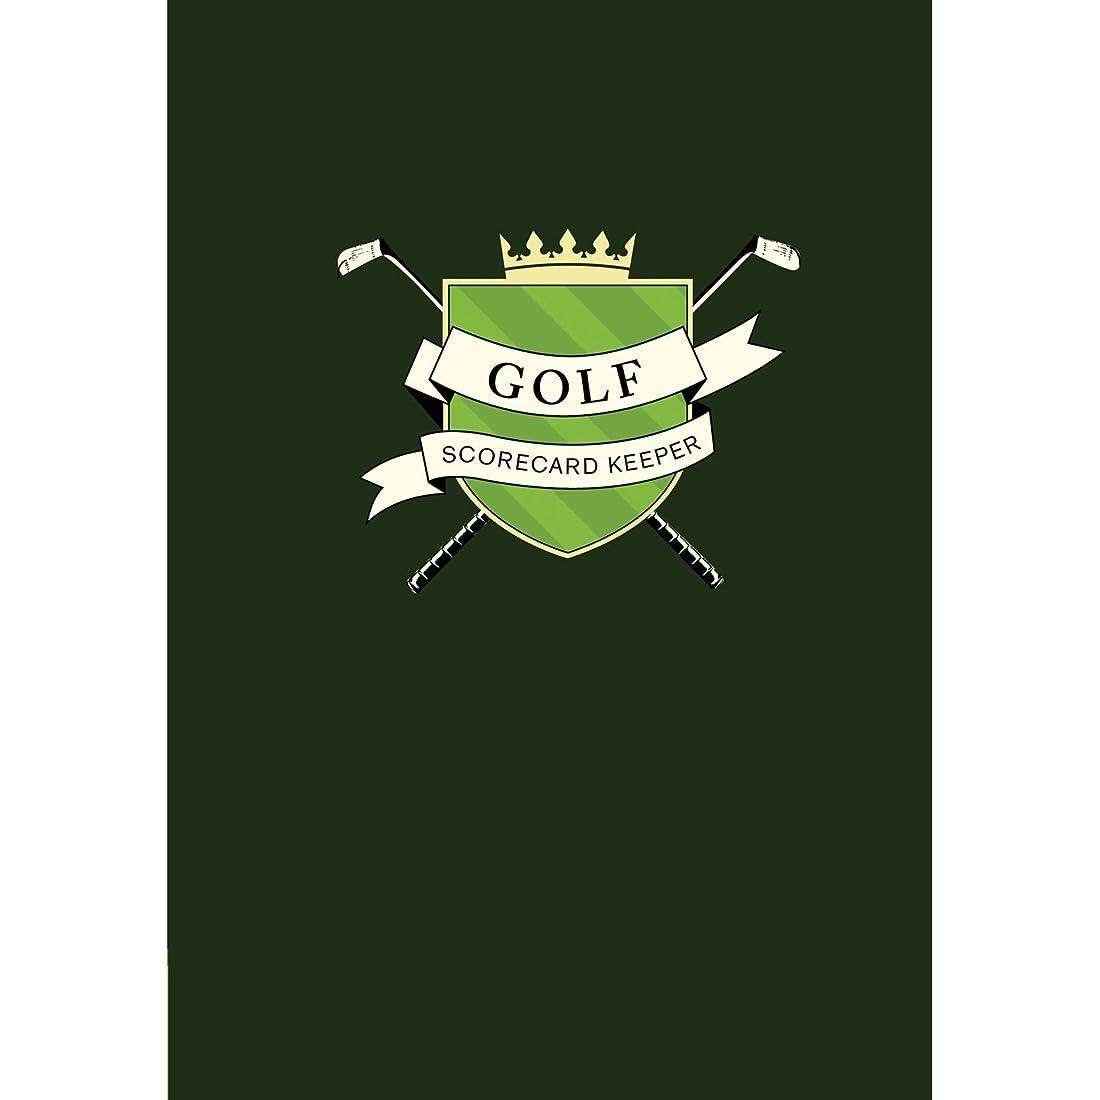 欠点祖先中毒Chronicle Books(クロニクルブックス)ゴルフ スコアカード キーパー(H19.7×W14×D3.4cm)